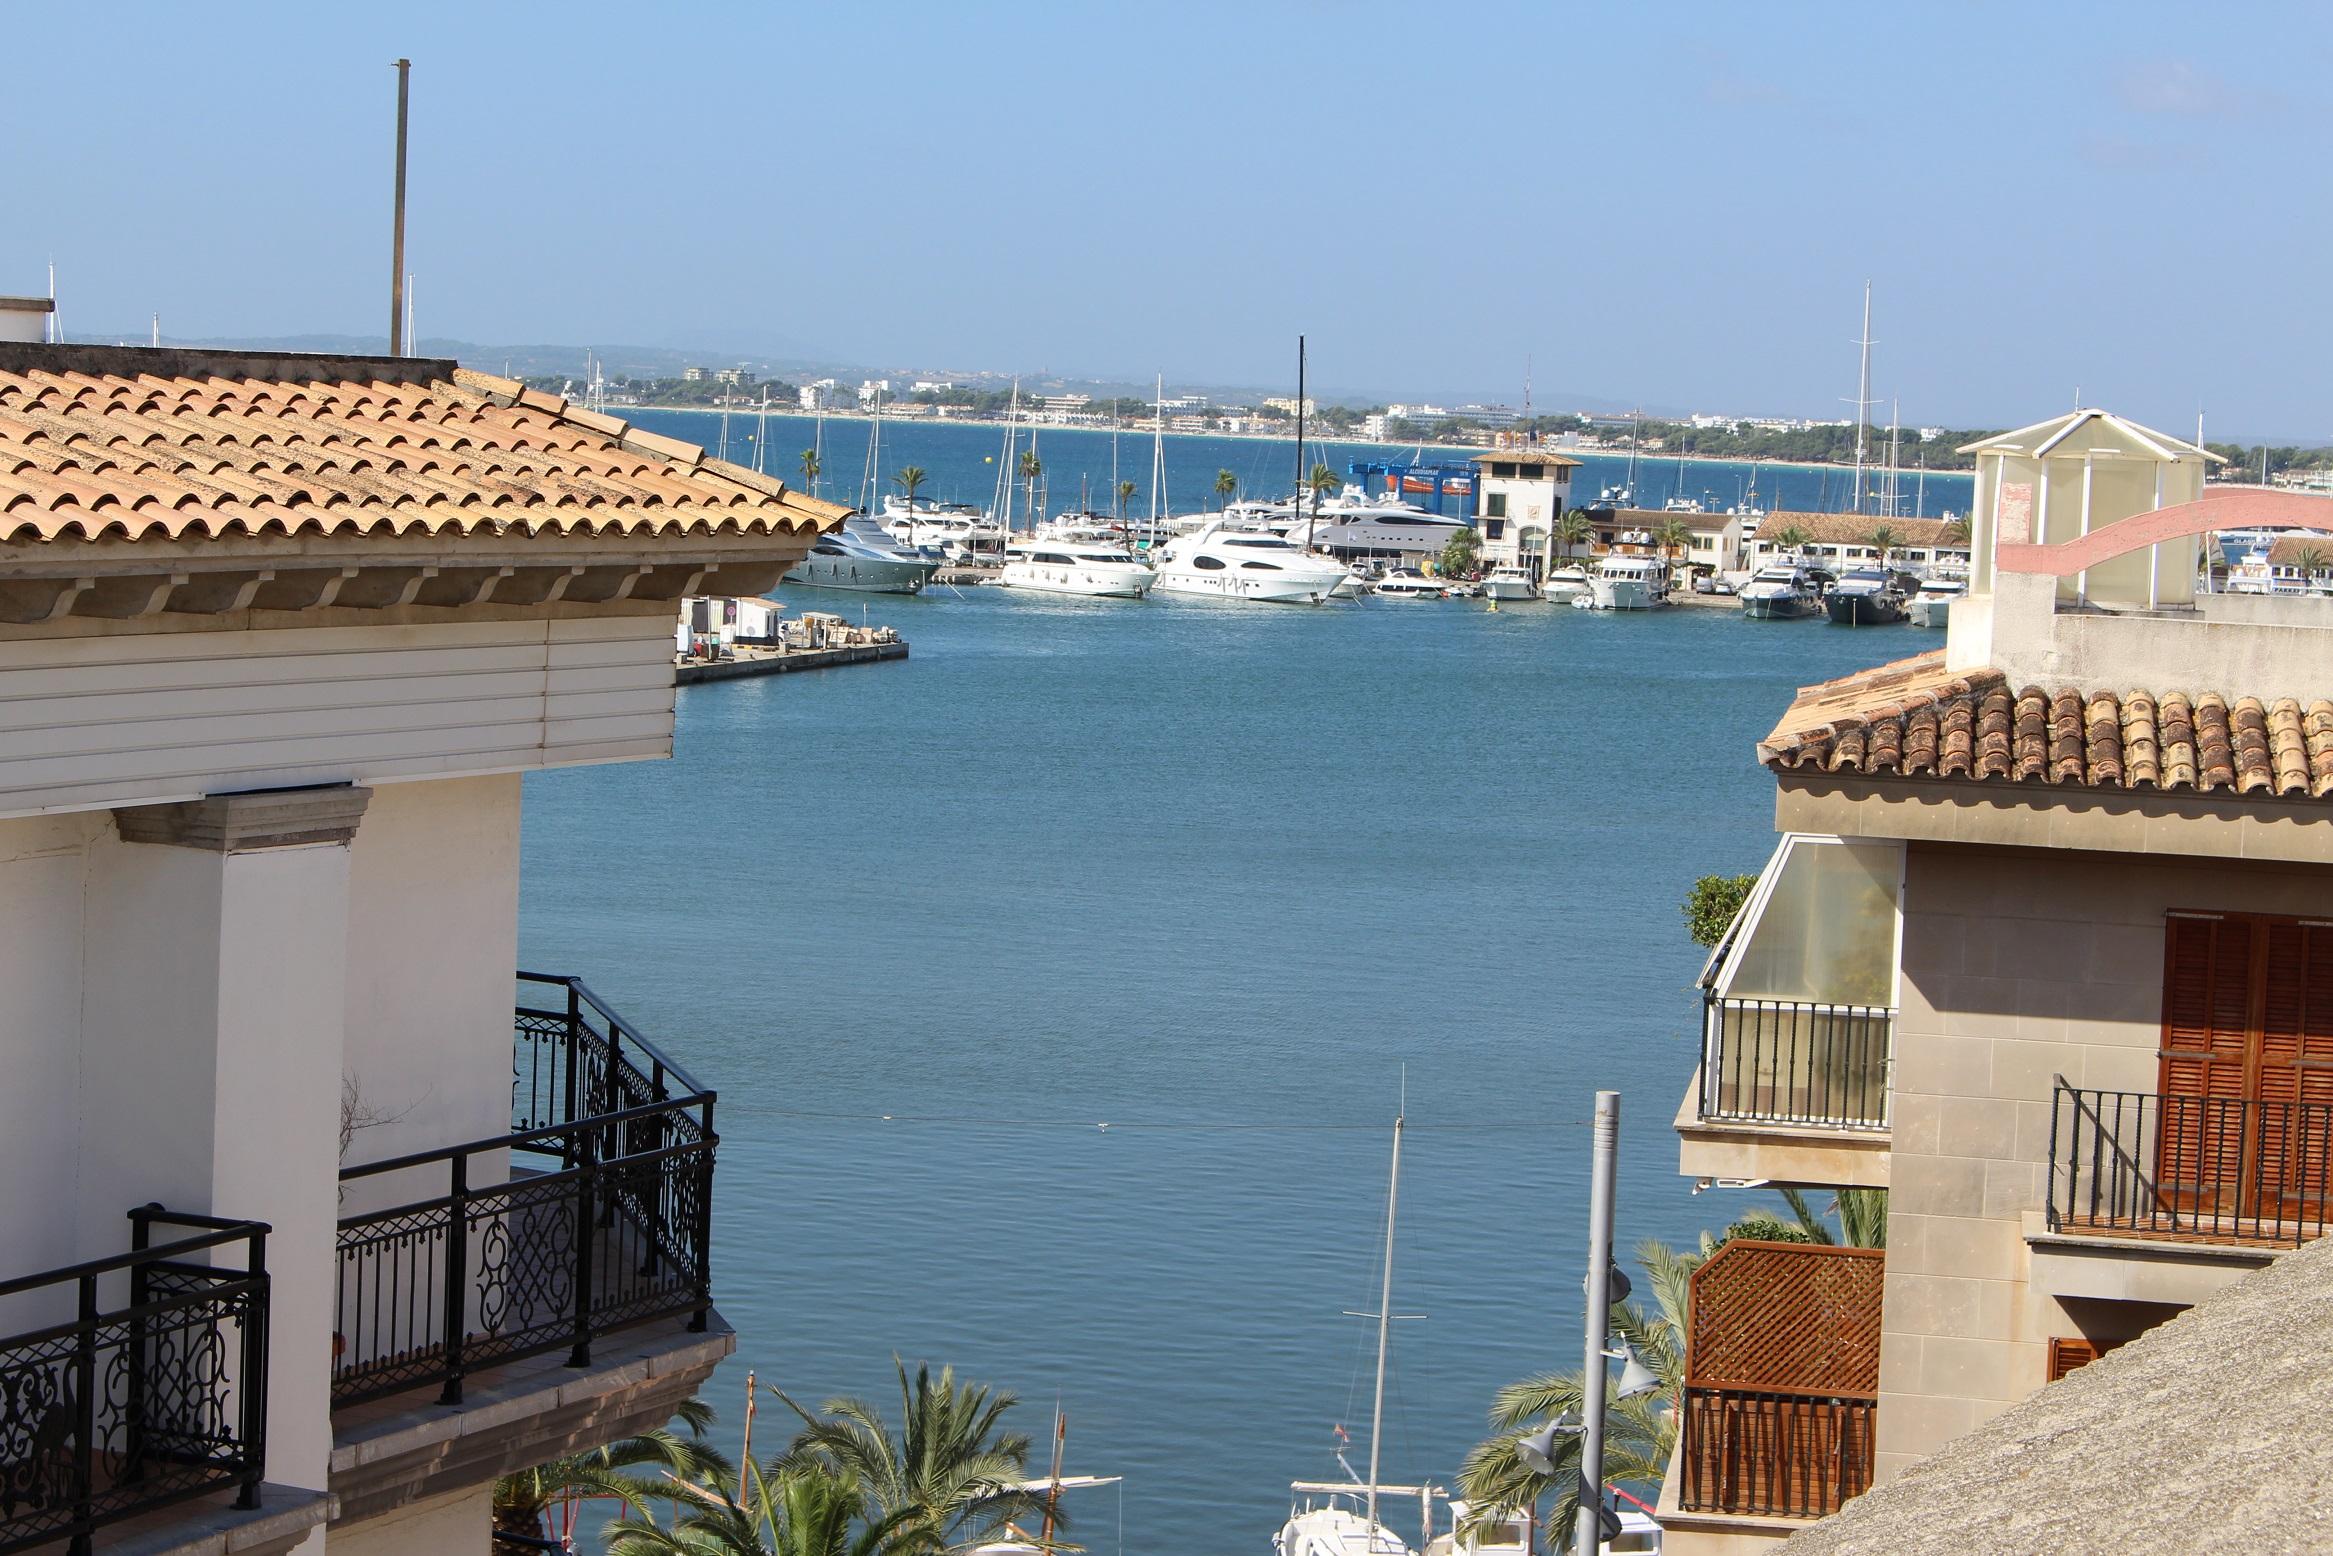 VERKAUFT in Port Alcudia: Dachterrassen-Wohnung mit seitlichem Meerblick